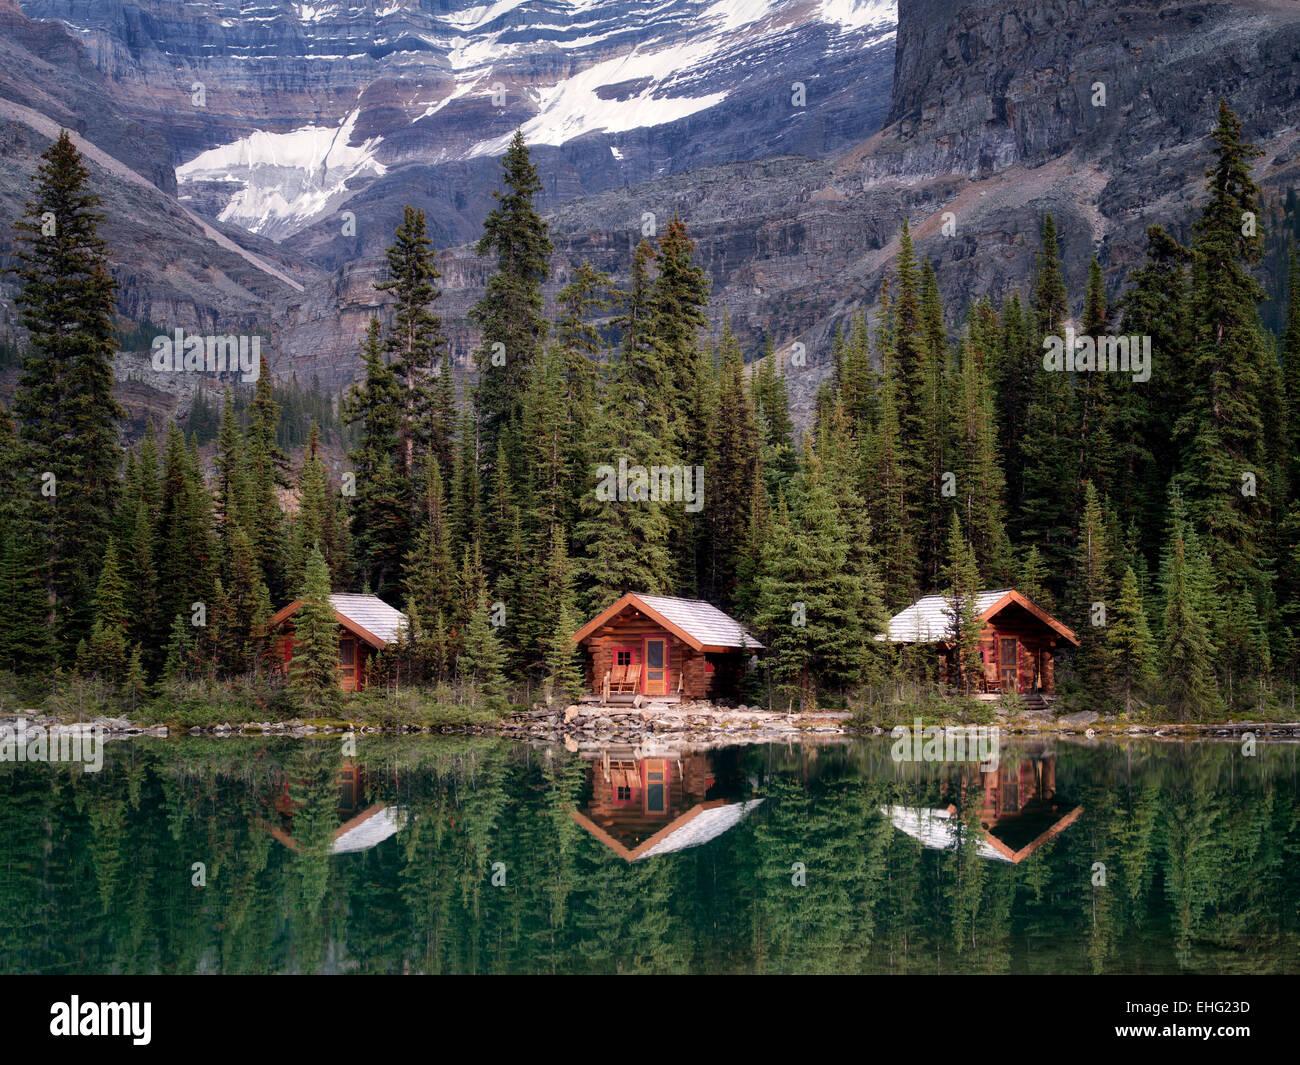 Cabañas en el lago O'Hara. El Parque Nacional Yoho, meseta Opabin, British Columbia, Canadá Foto de stock